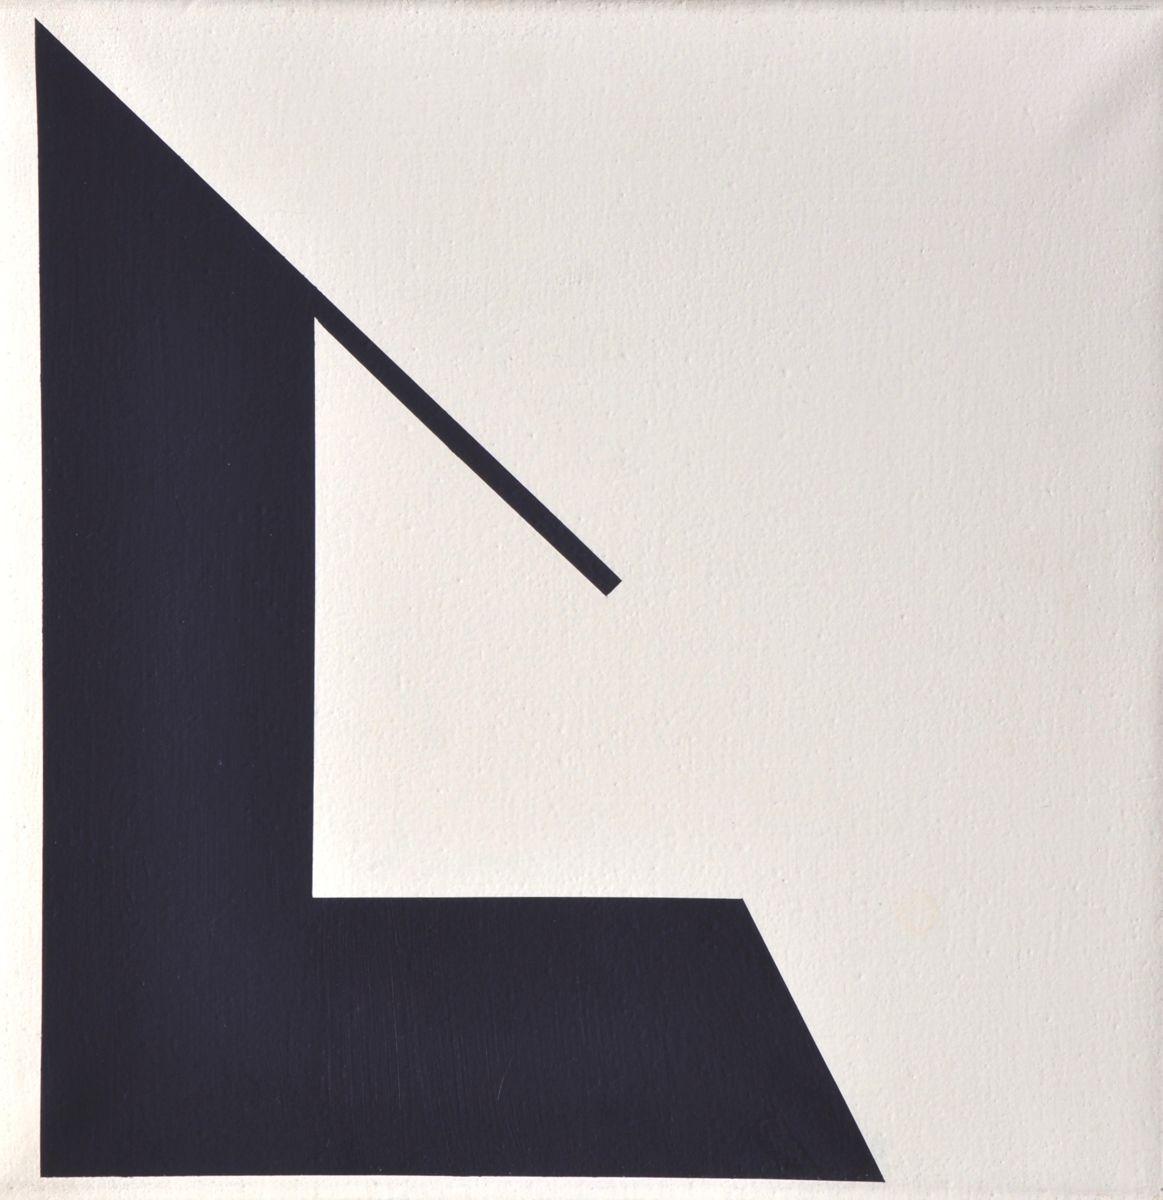 Halász Károly: S. kék forma 3,4 (1980 körül)